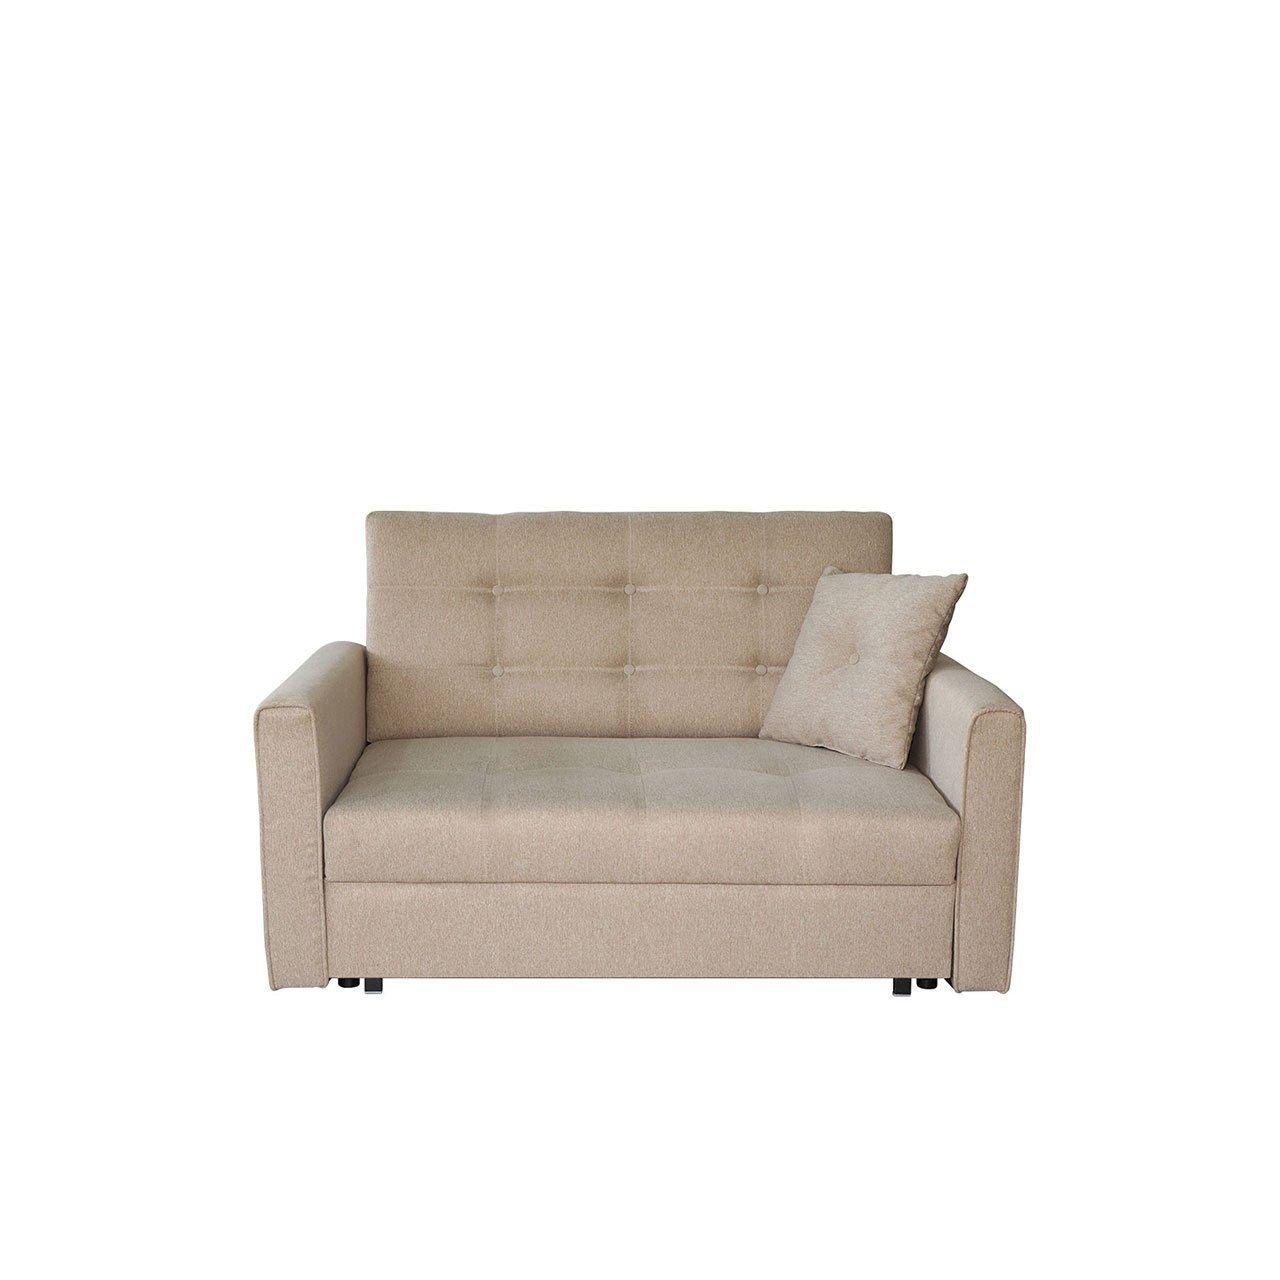 Mirjan24 Sofa Viva II Lux mit Schlaffunktion, Bettsofa, 2 Sitzer ...